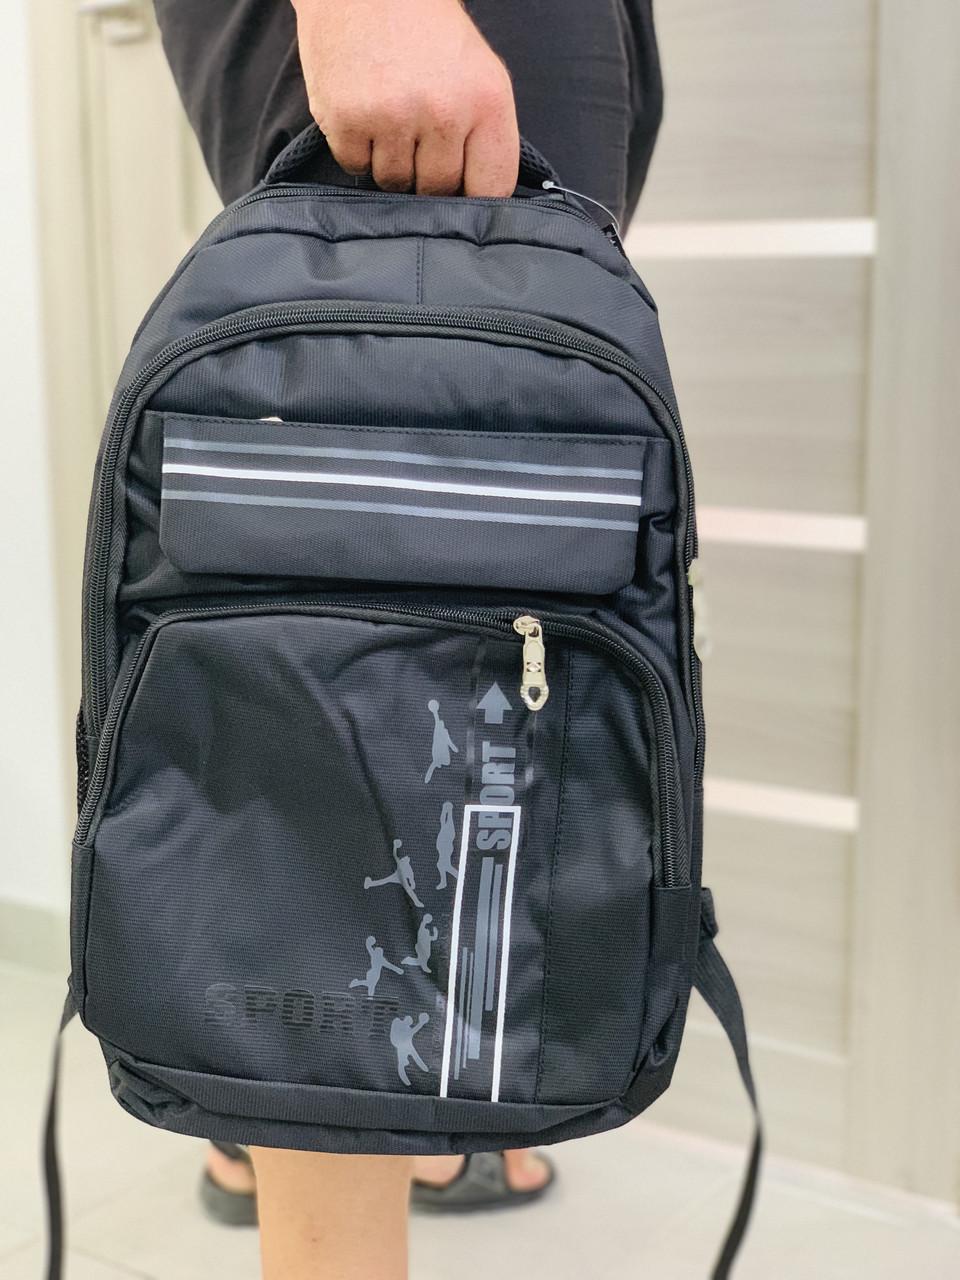 Мужской рюкзак повседневный / Удобный молодежный рюкзак